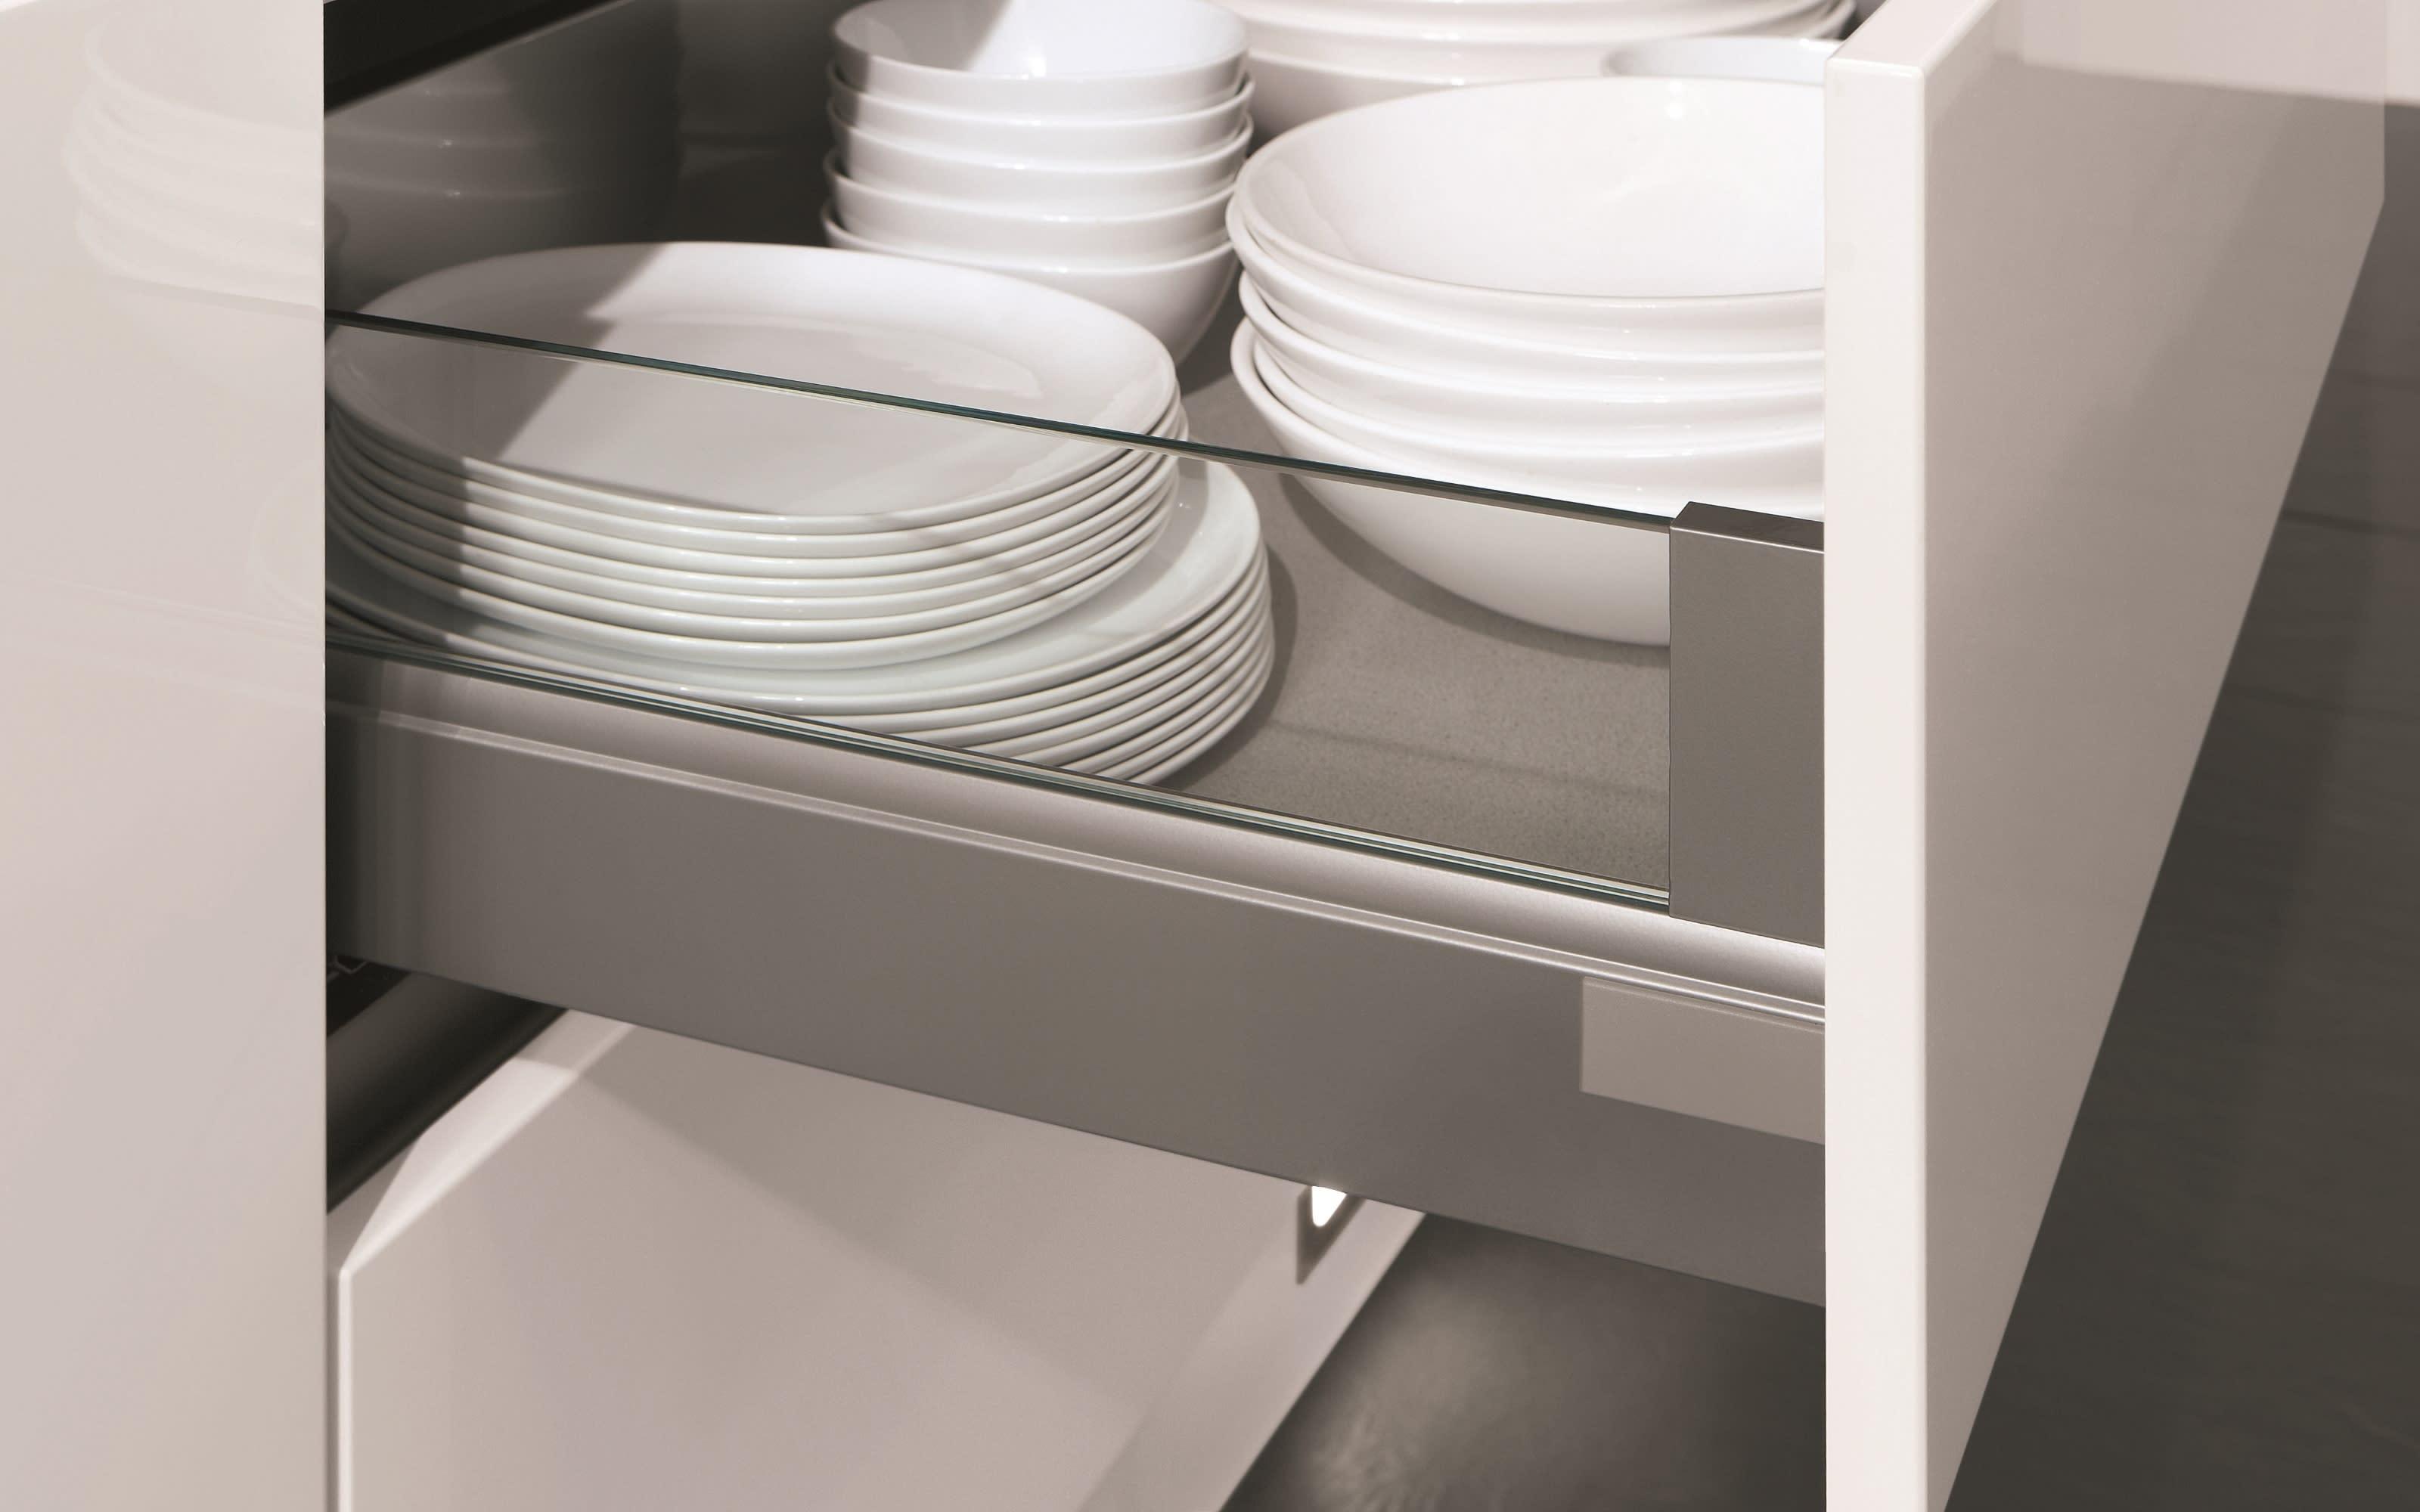 Einbauküche Structura, Halifax Eiche Nachbildung, inklusive Elektrogeräte, inklusive Siemens Geschirrspüler